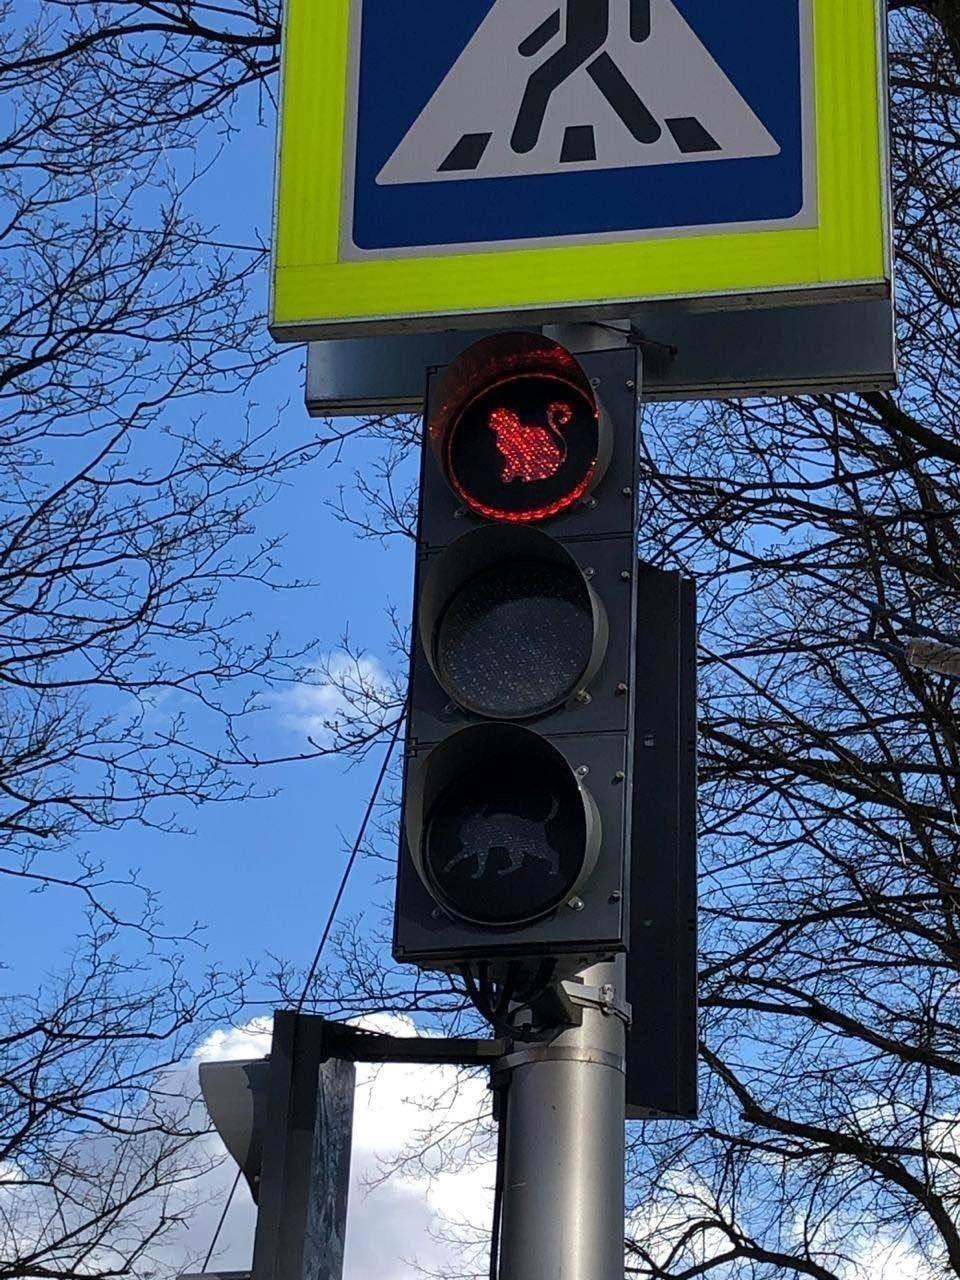 Gatti sui semafori in una città Russa